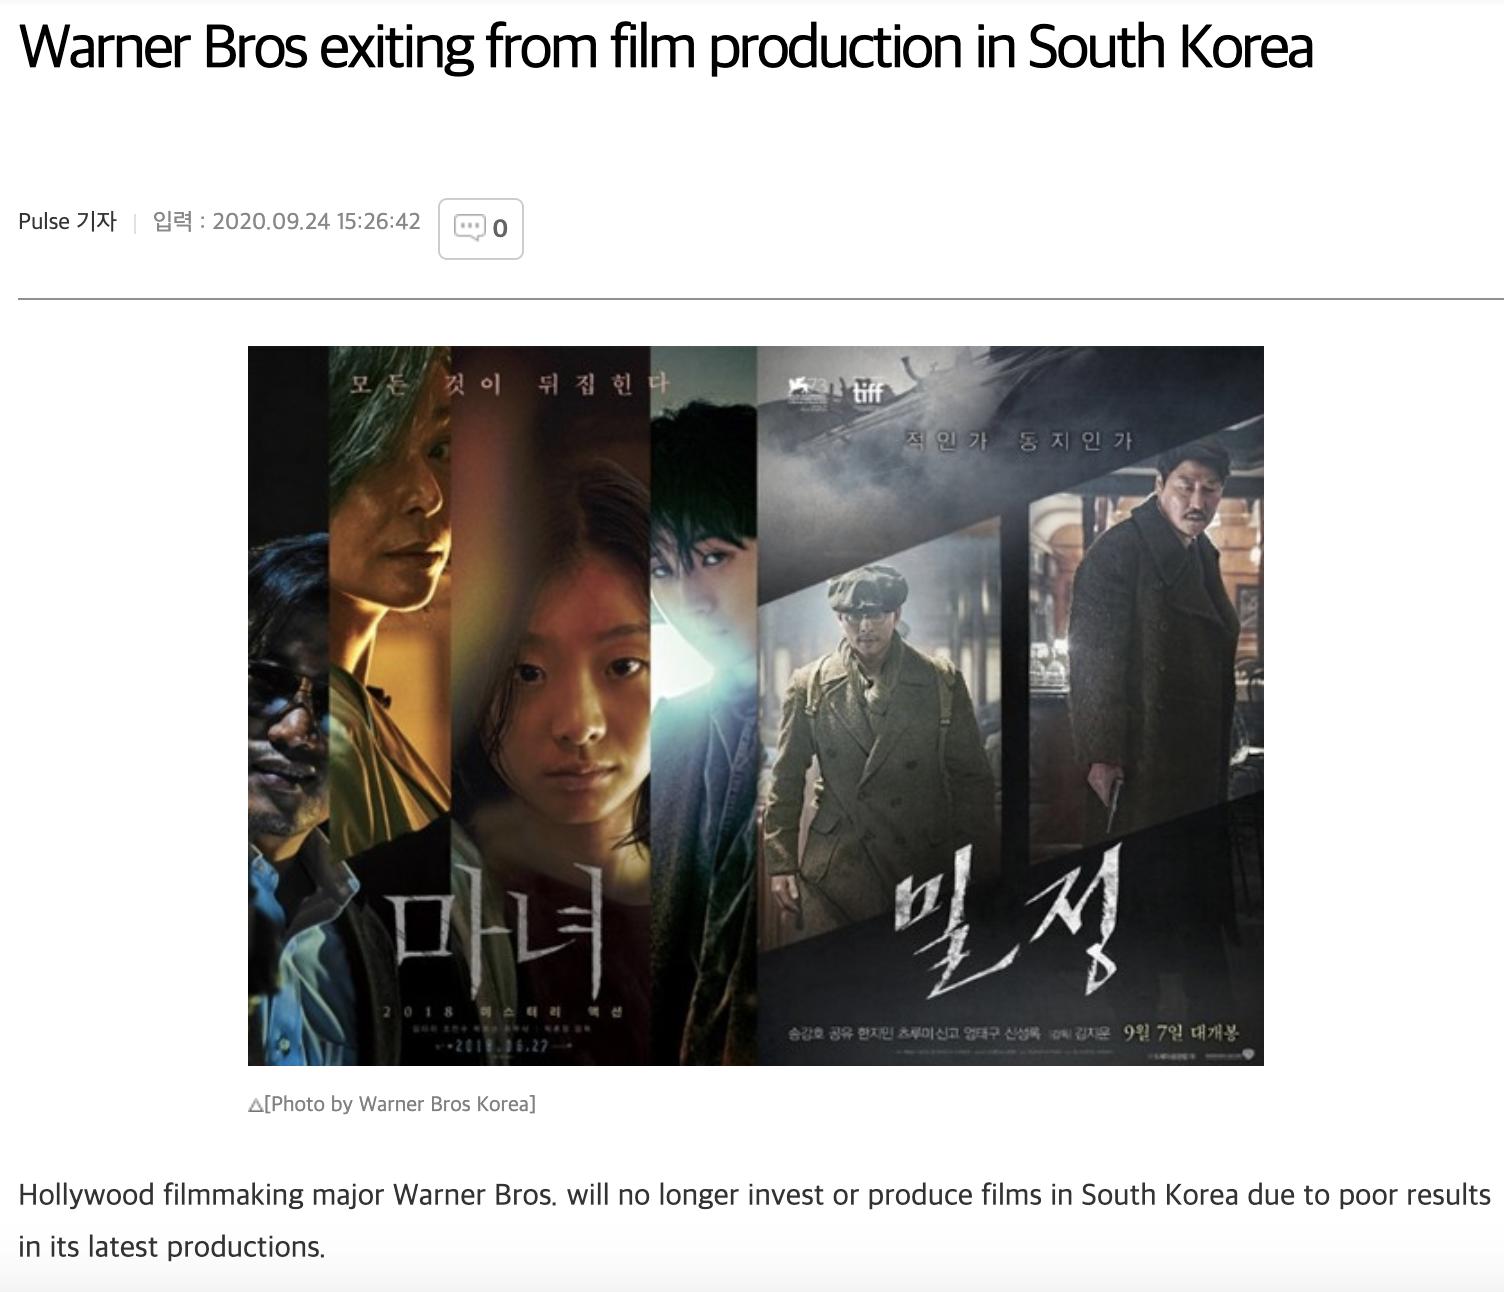 Tờ MK của Hàn Quốc đưa tin Warner Bros. đang lên kế hoạch hoàn thiện kế hoạch rút khỏi Hàn Quốc vào cuối năm nay.